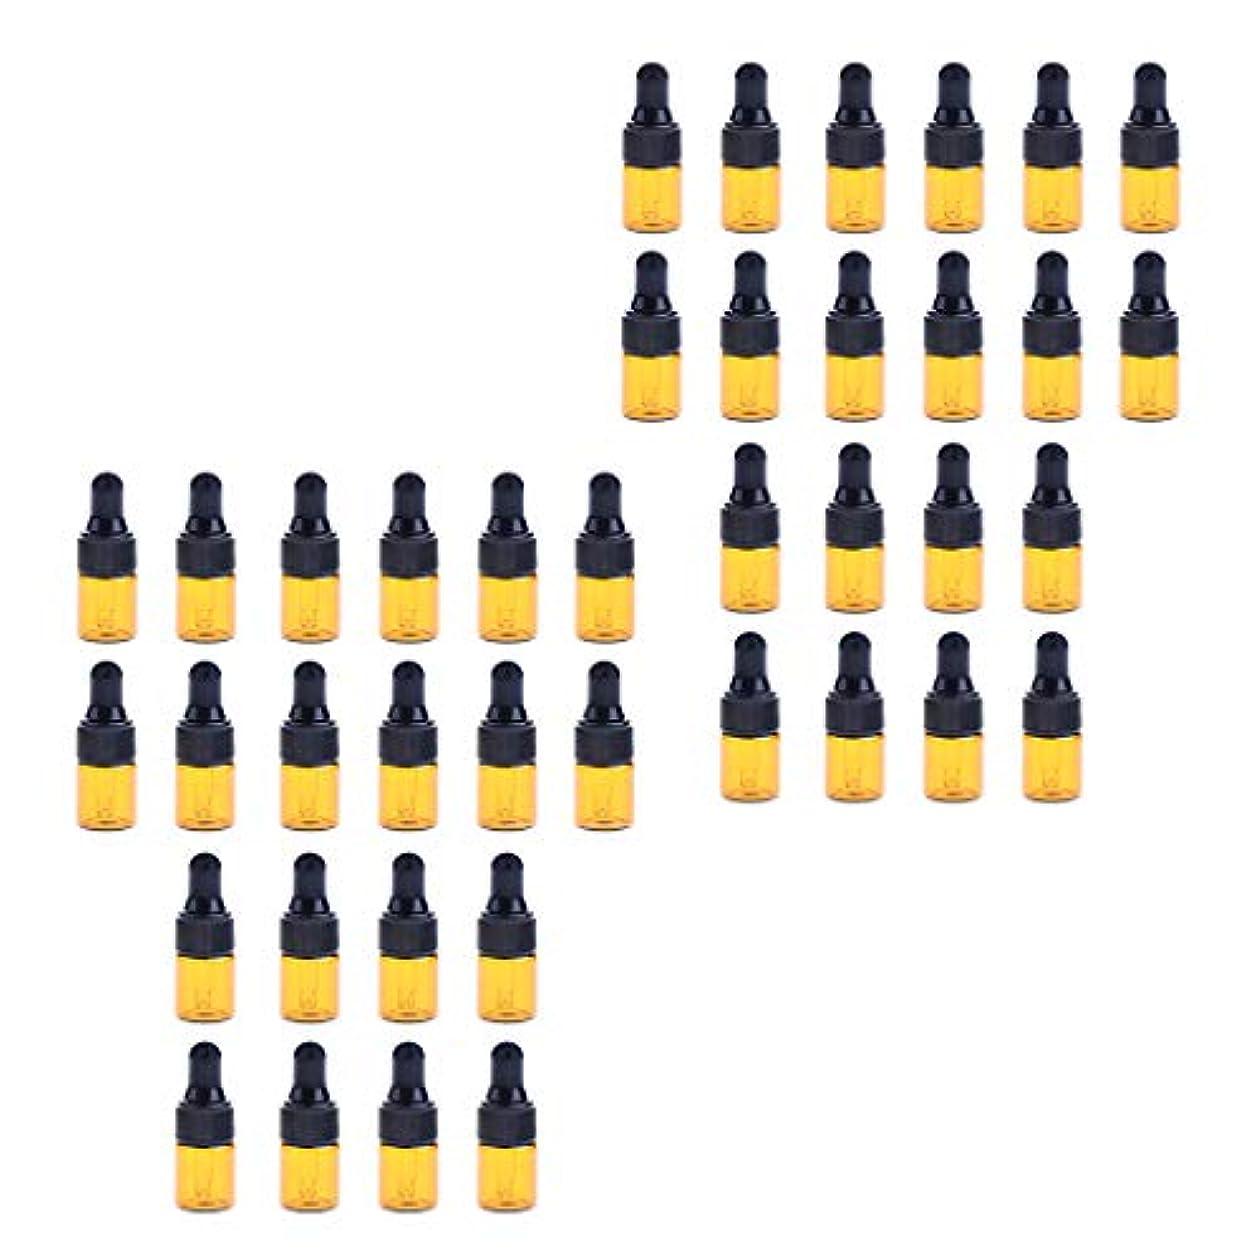 退屈させる不正紫のドロッパーボトル ガラス瓶 エッセンシャルオイル 精油 保存容器 詰め替え 小型 1ml /2ml 40個入